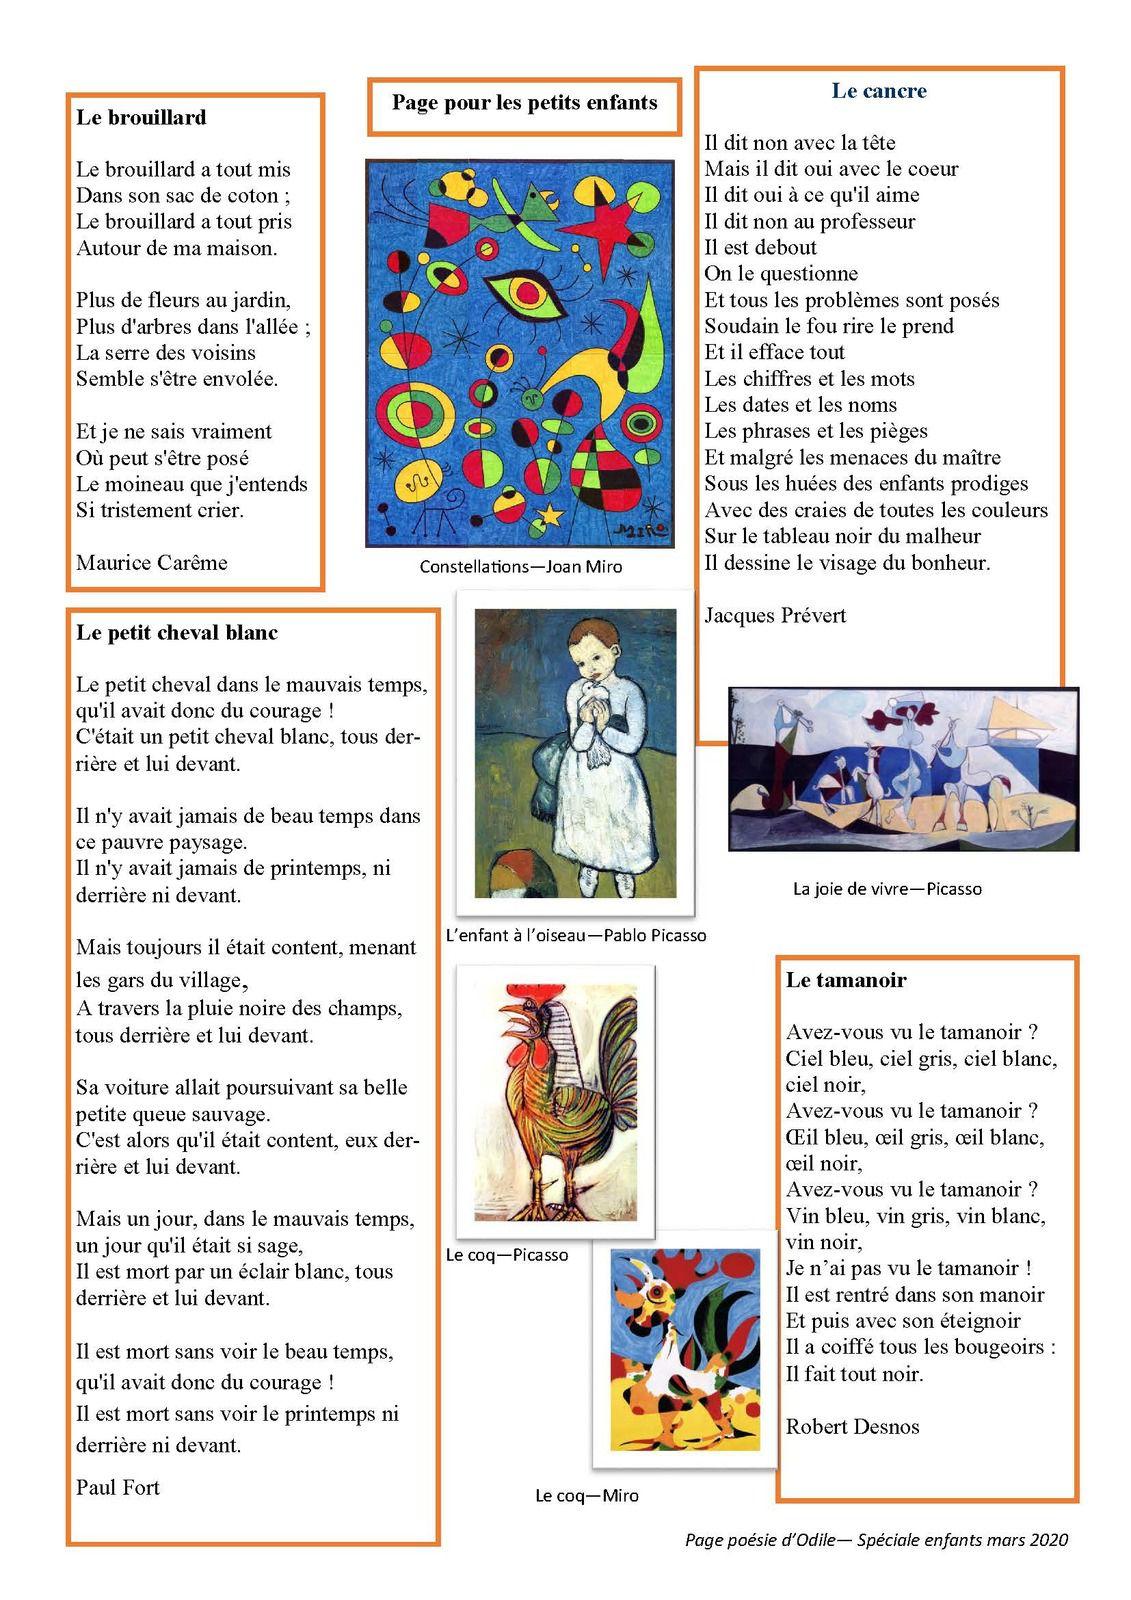 La page poésie d'Odile  : page enfants